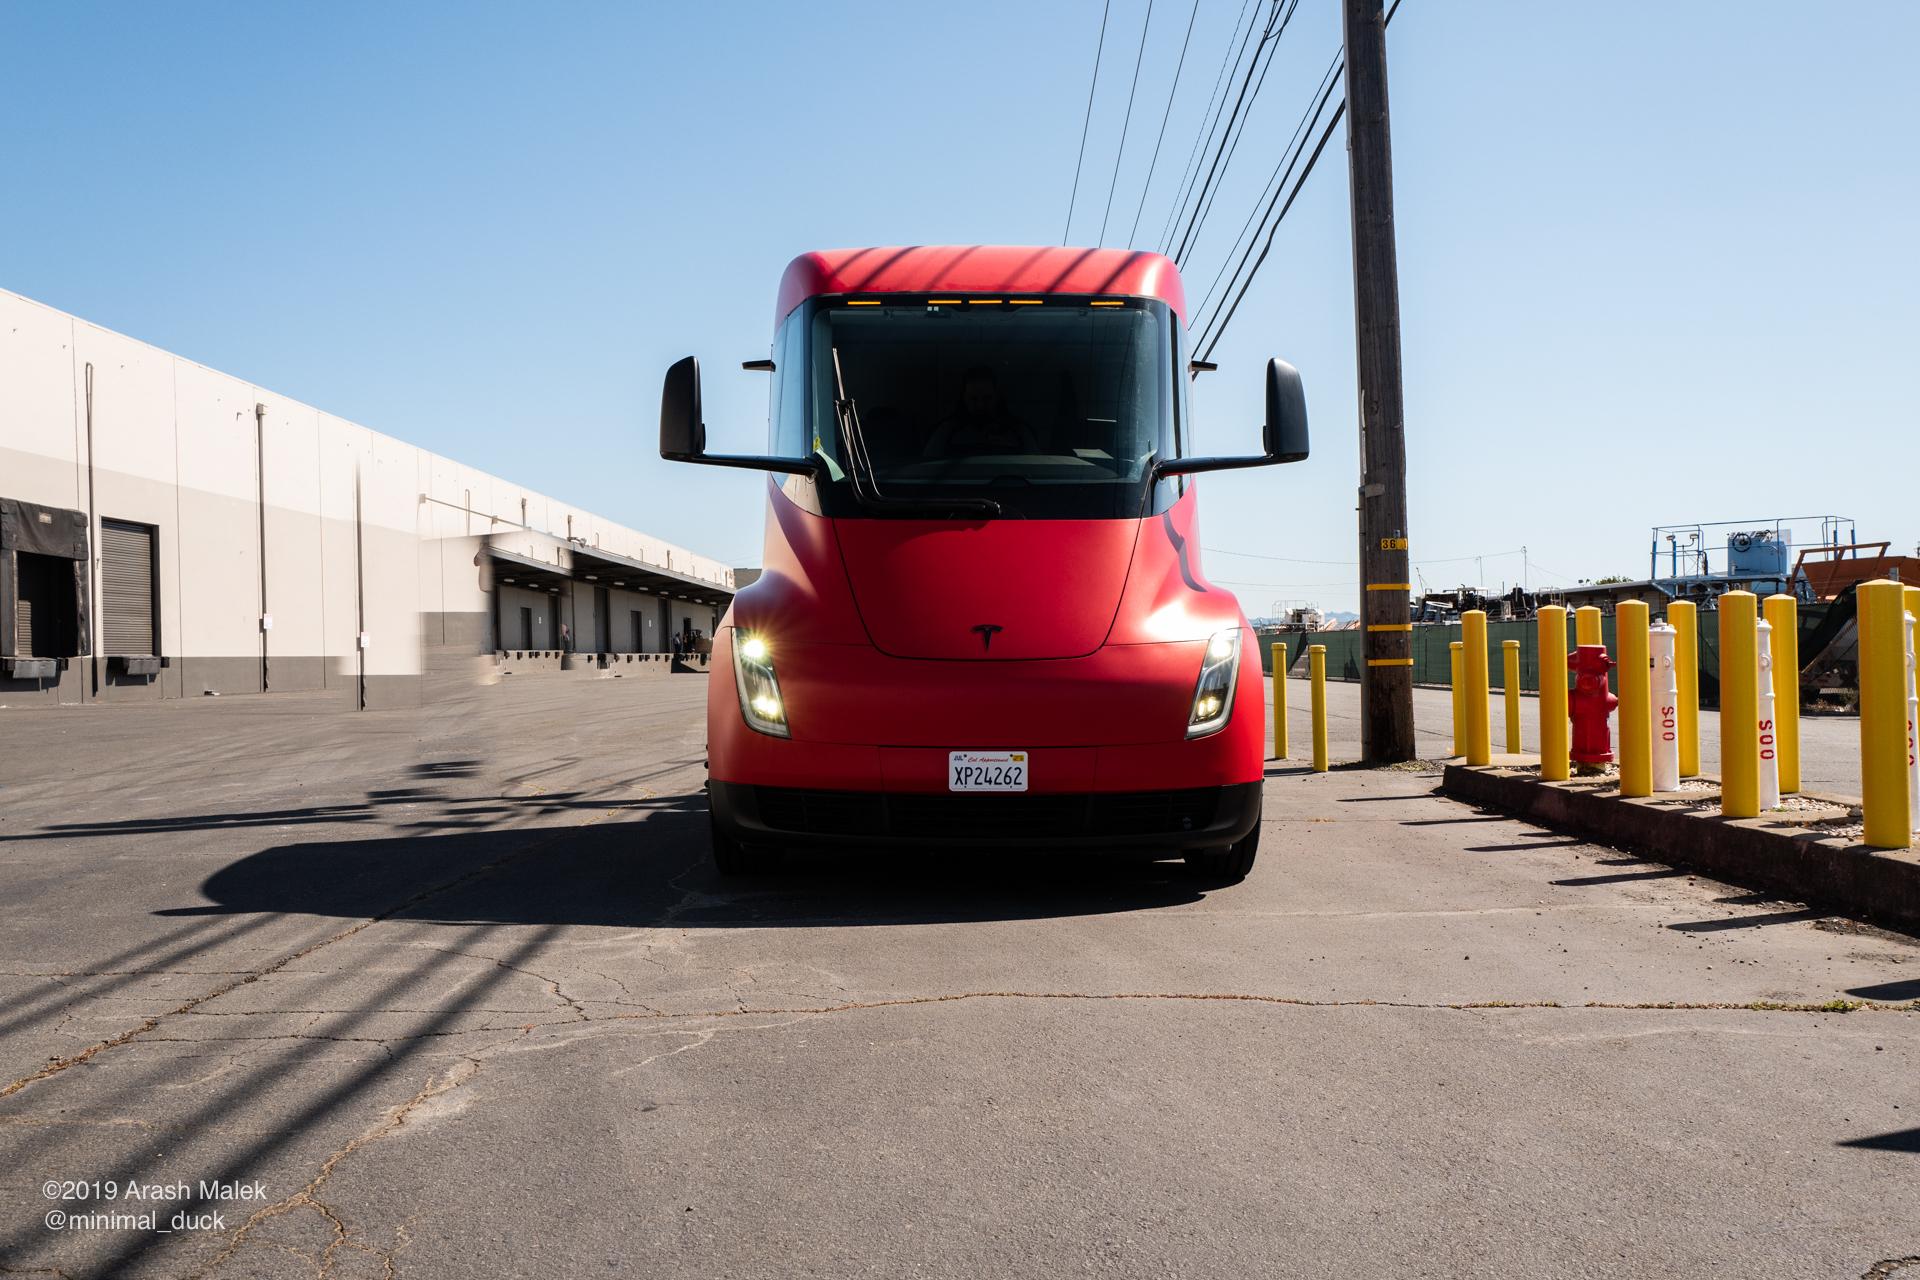 Критика веса аккумулятора Tesla Semi коренится в устаревших идеях: эксперт по электромобилям